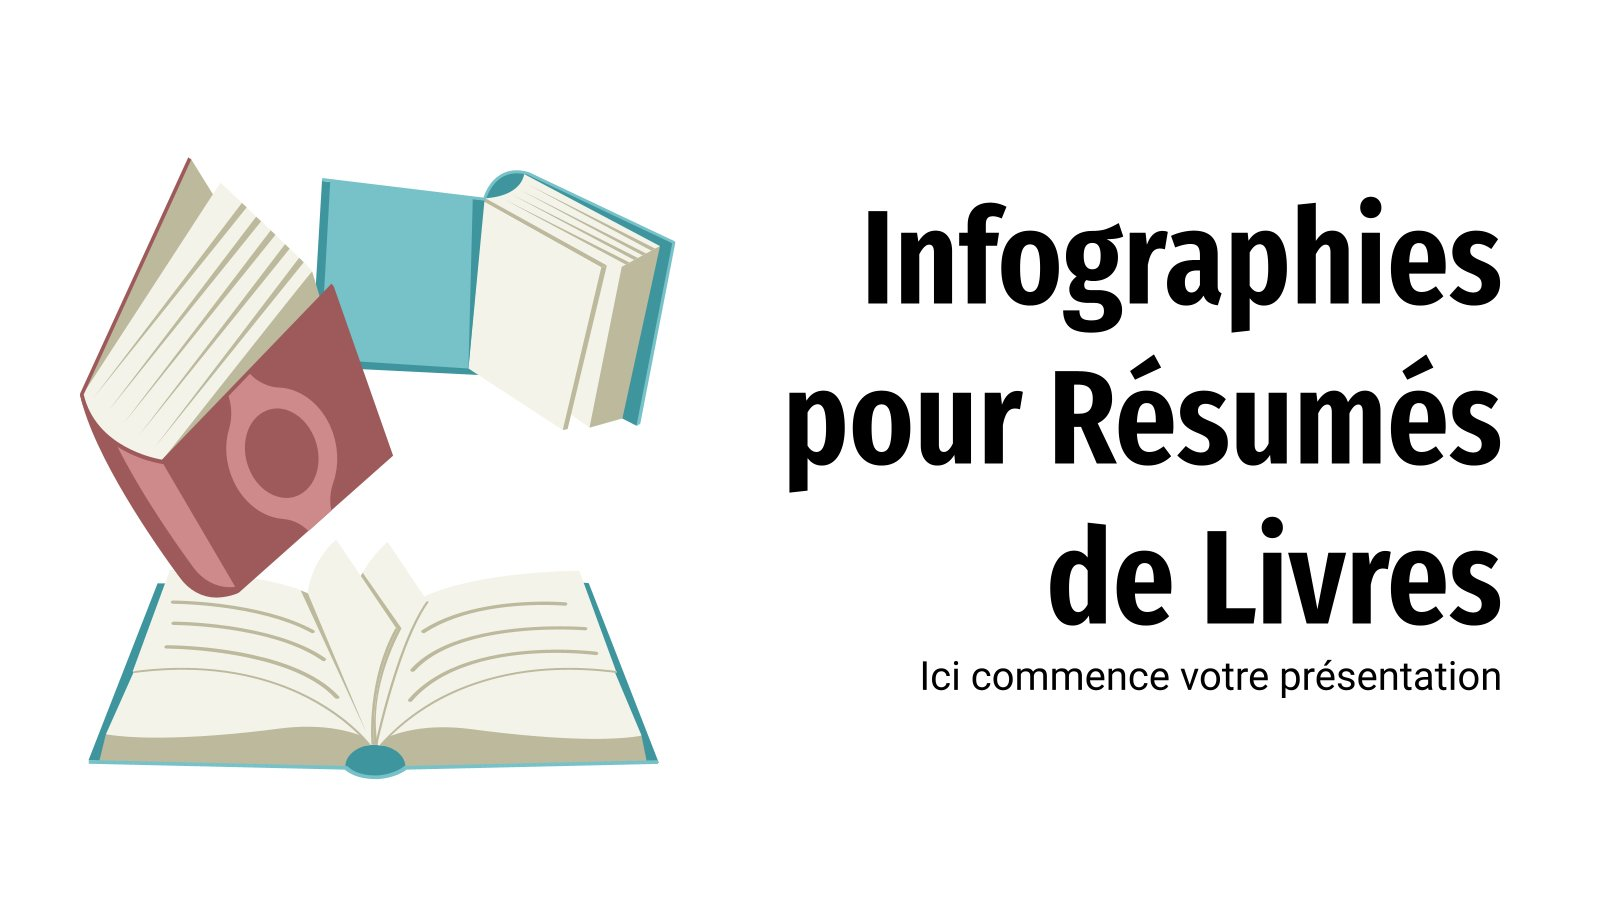 Infographies pour Résumés de Livres : Modèles de présentation